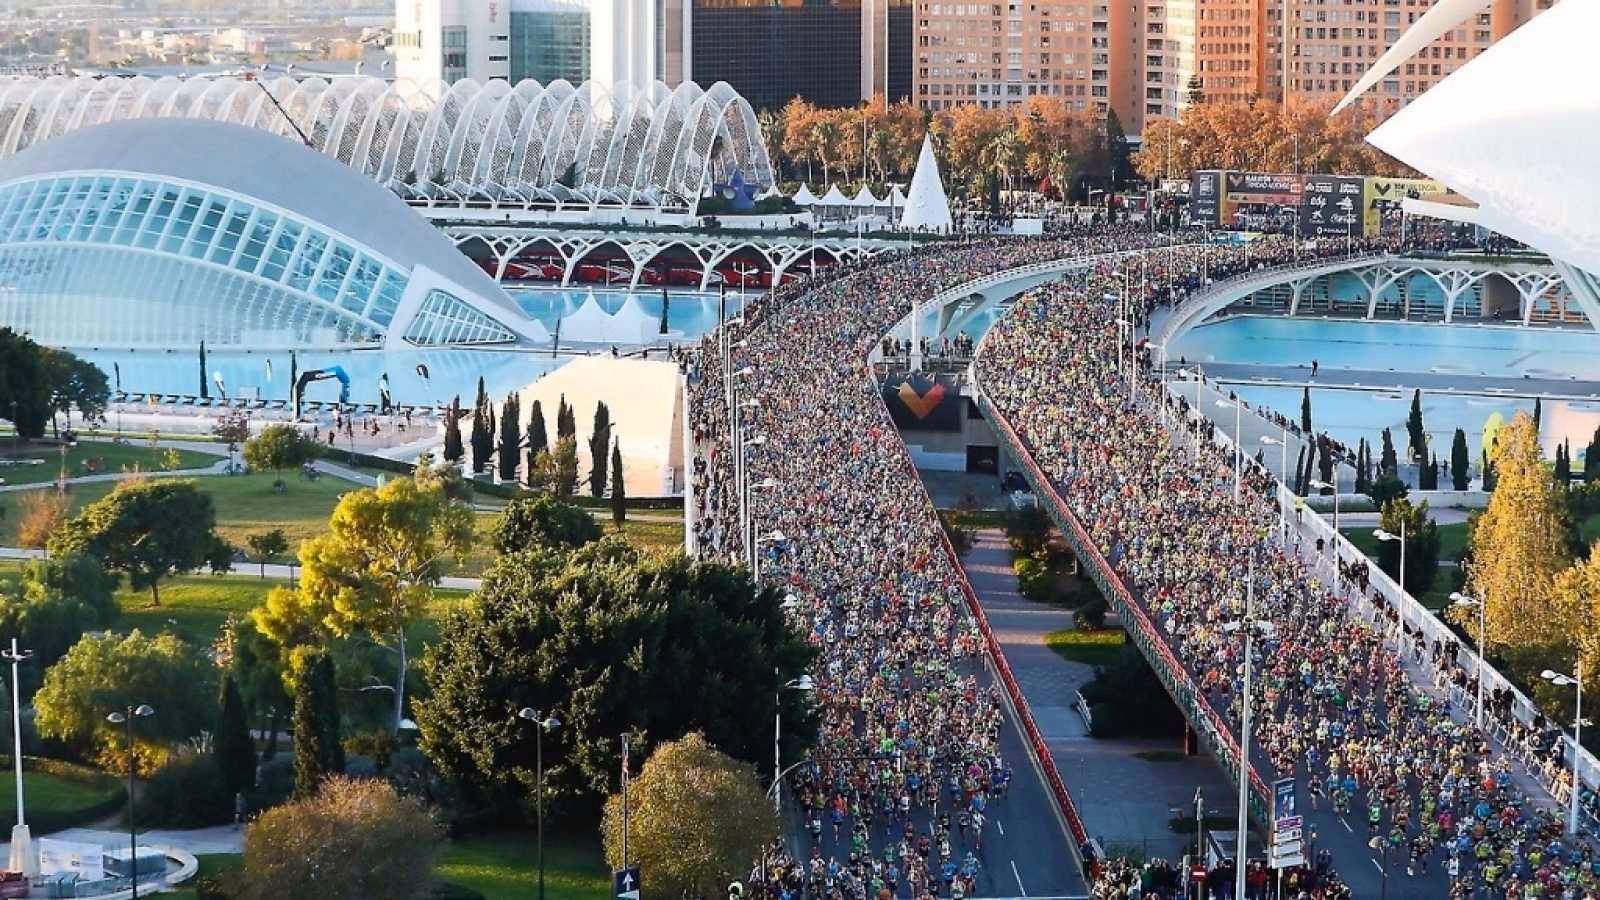 Correr el Maratón de Valencia, España - Marathon Spain maratón de valencia - 47198693631 bb1c77a521 h - Maratón de Valencia: análisis, recorrido, entrenamiento y recomendaciones de viaje